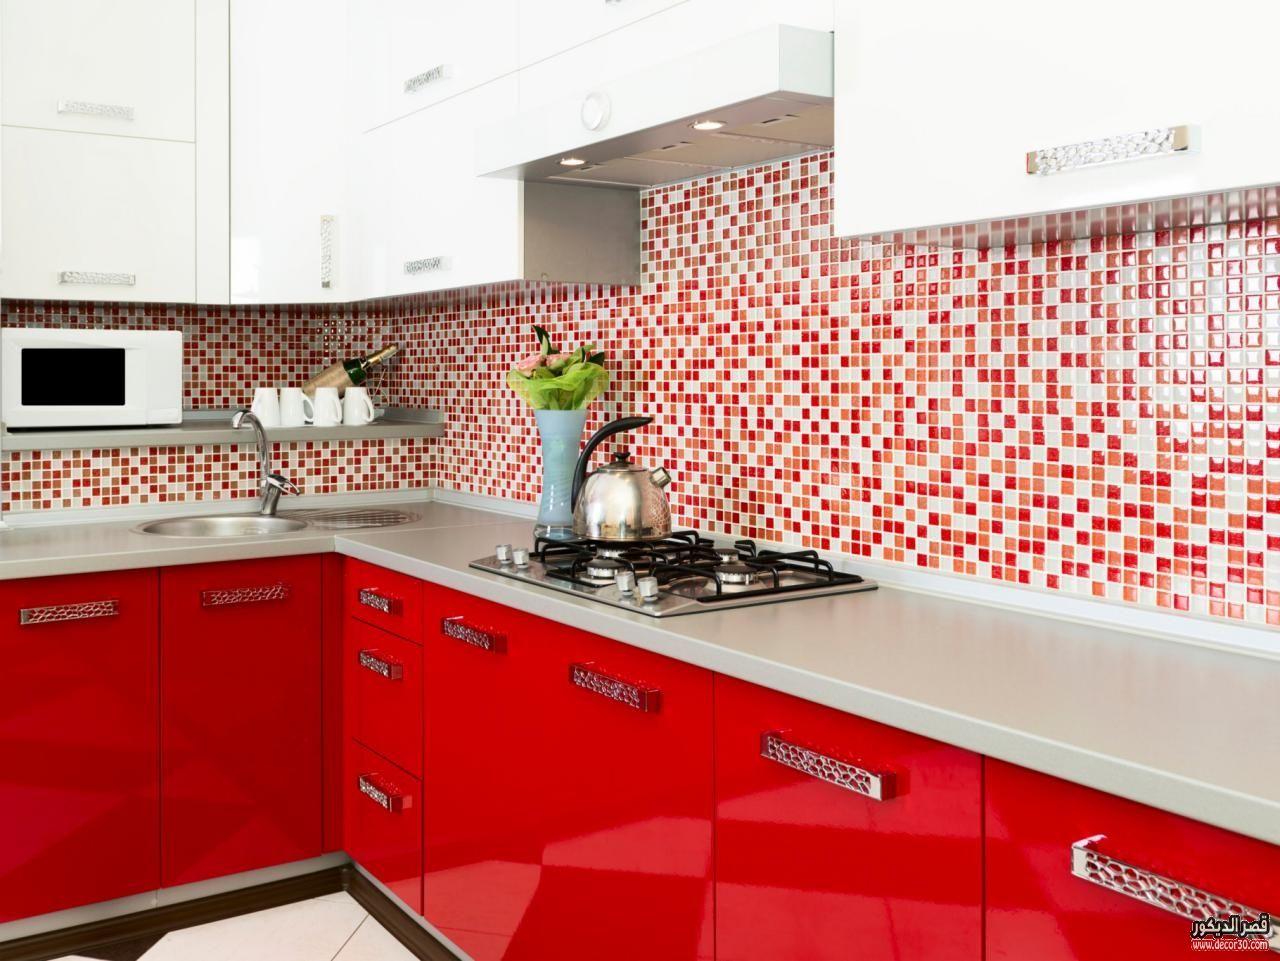 سيراميك مطابخ كليوباترا صور موديلات سيراميك قصر الديكور Red Kitchen Decor Kitchen Design Kitchen Cabinet Design